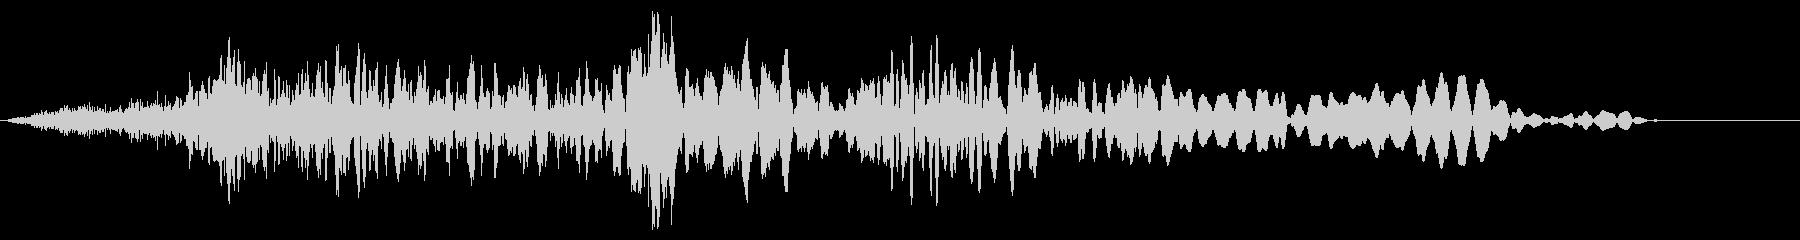 マシンモーフ、変化の影響、シンセシ...の未再生の波形